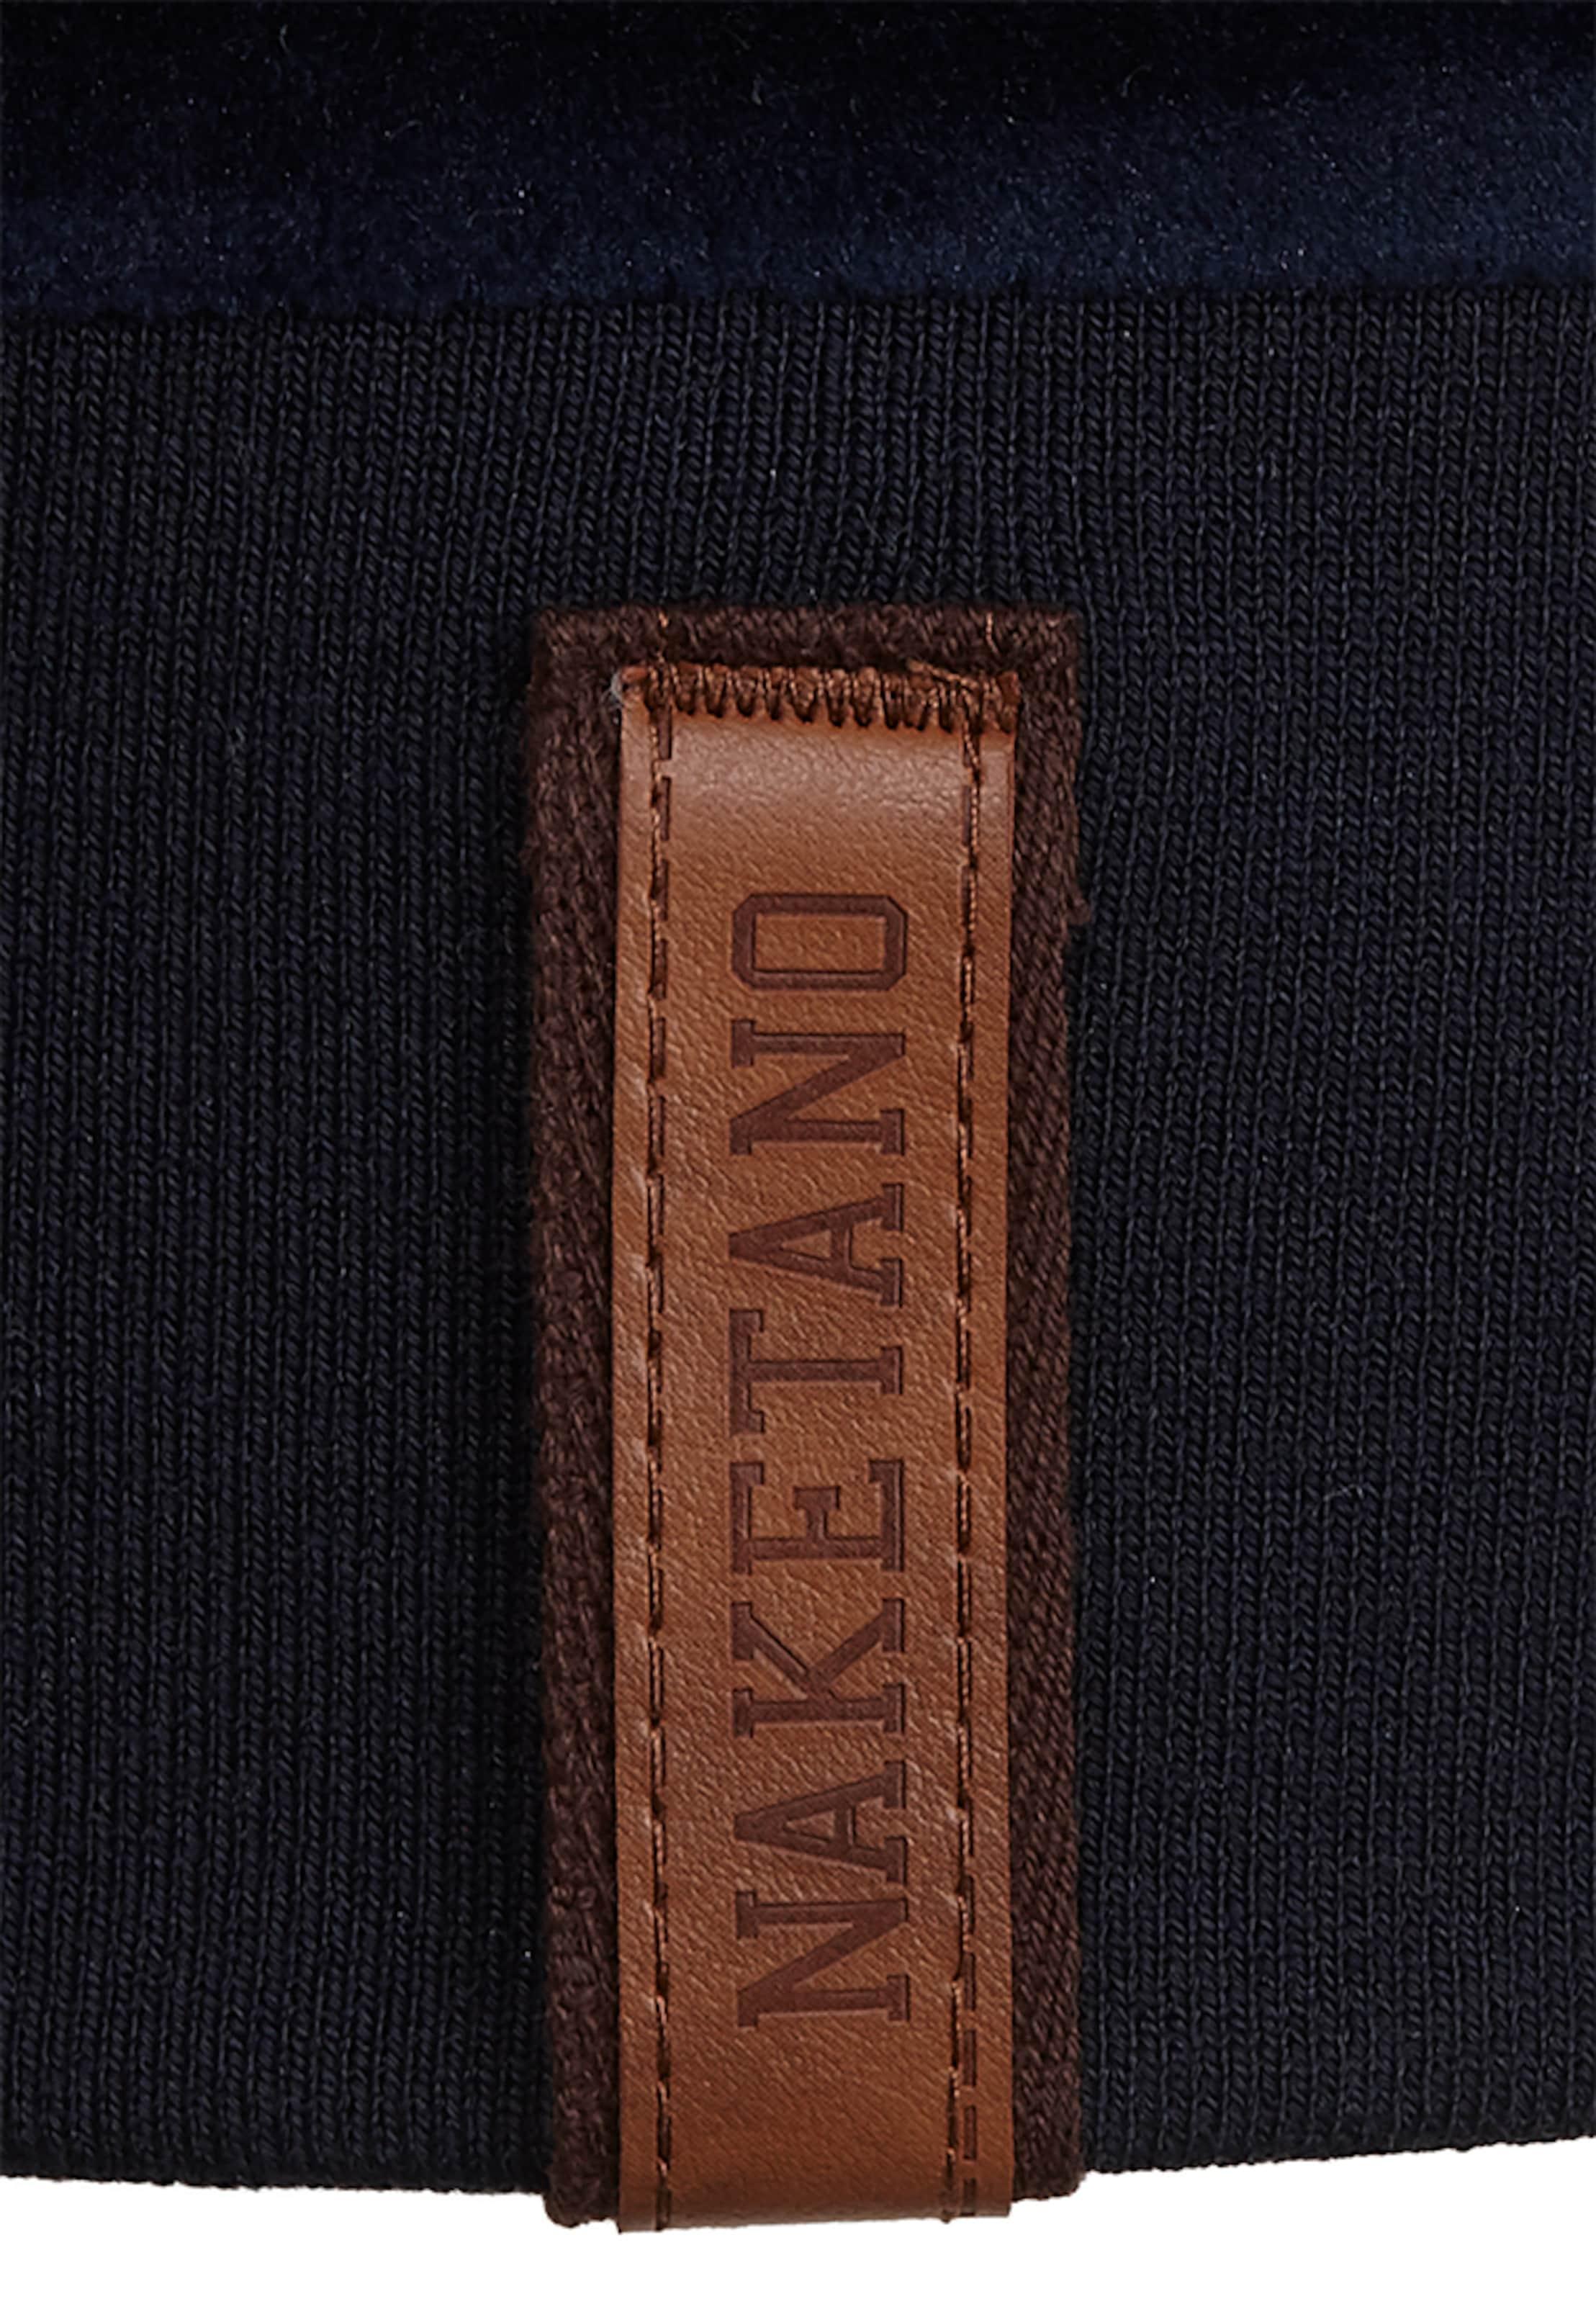 Dem Küchentisch' Pétrole Sweat En Naketano shirt 'auf c4jL5q3AR